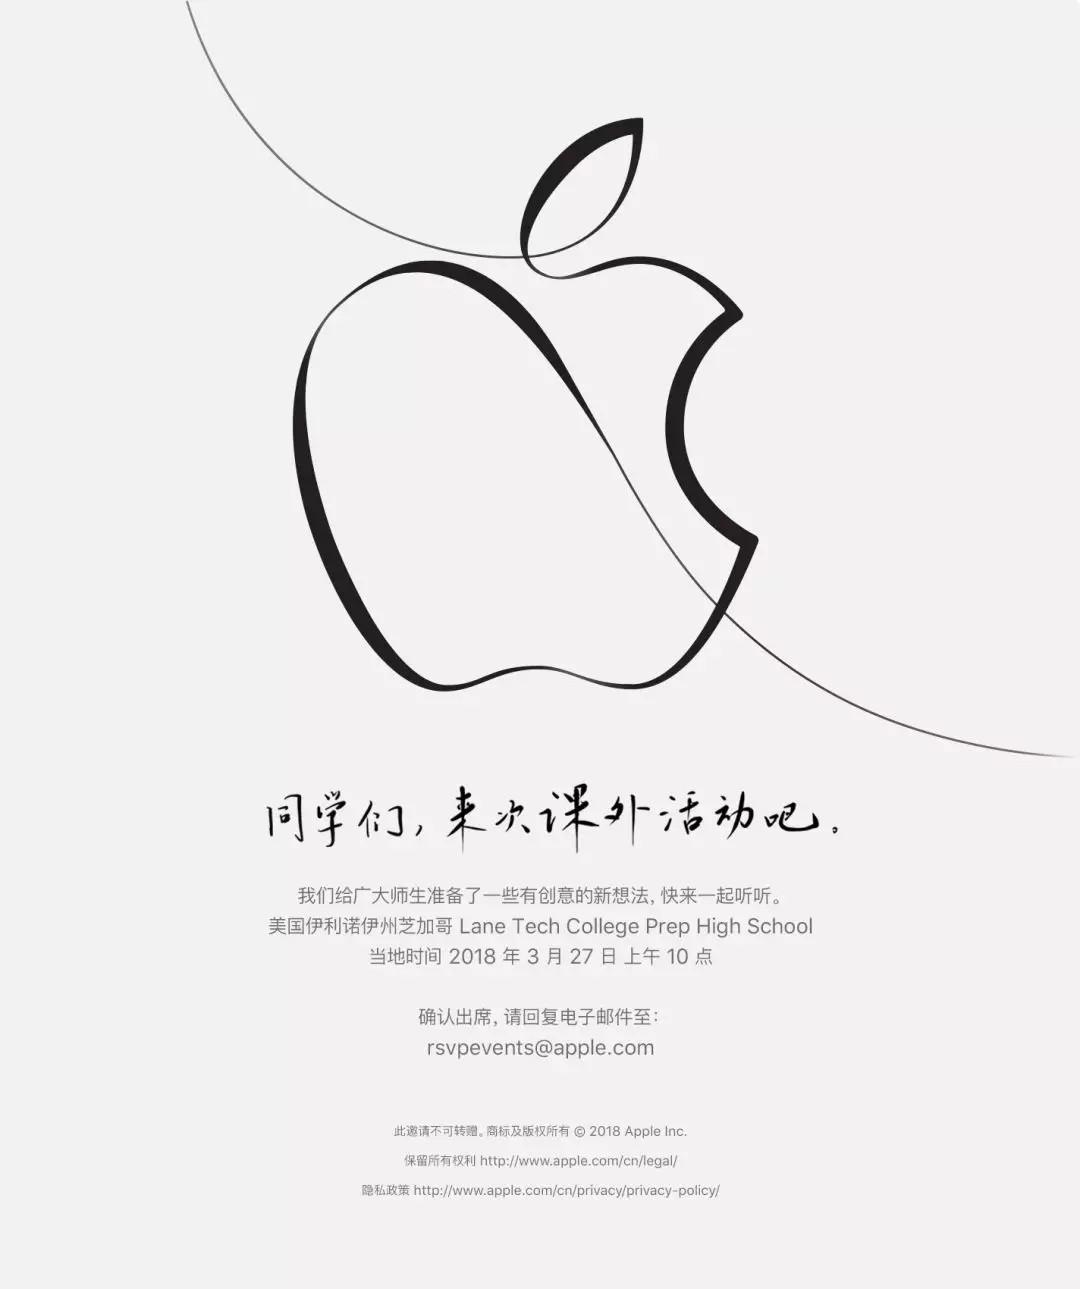 苹果春季发布会要来了:新 iPad 应该稳了,iPhone SE 2 还会远吗?